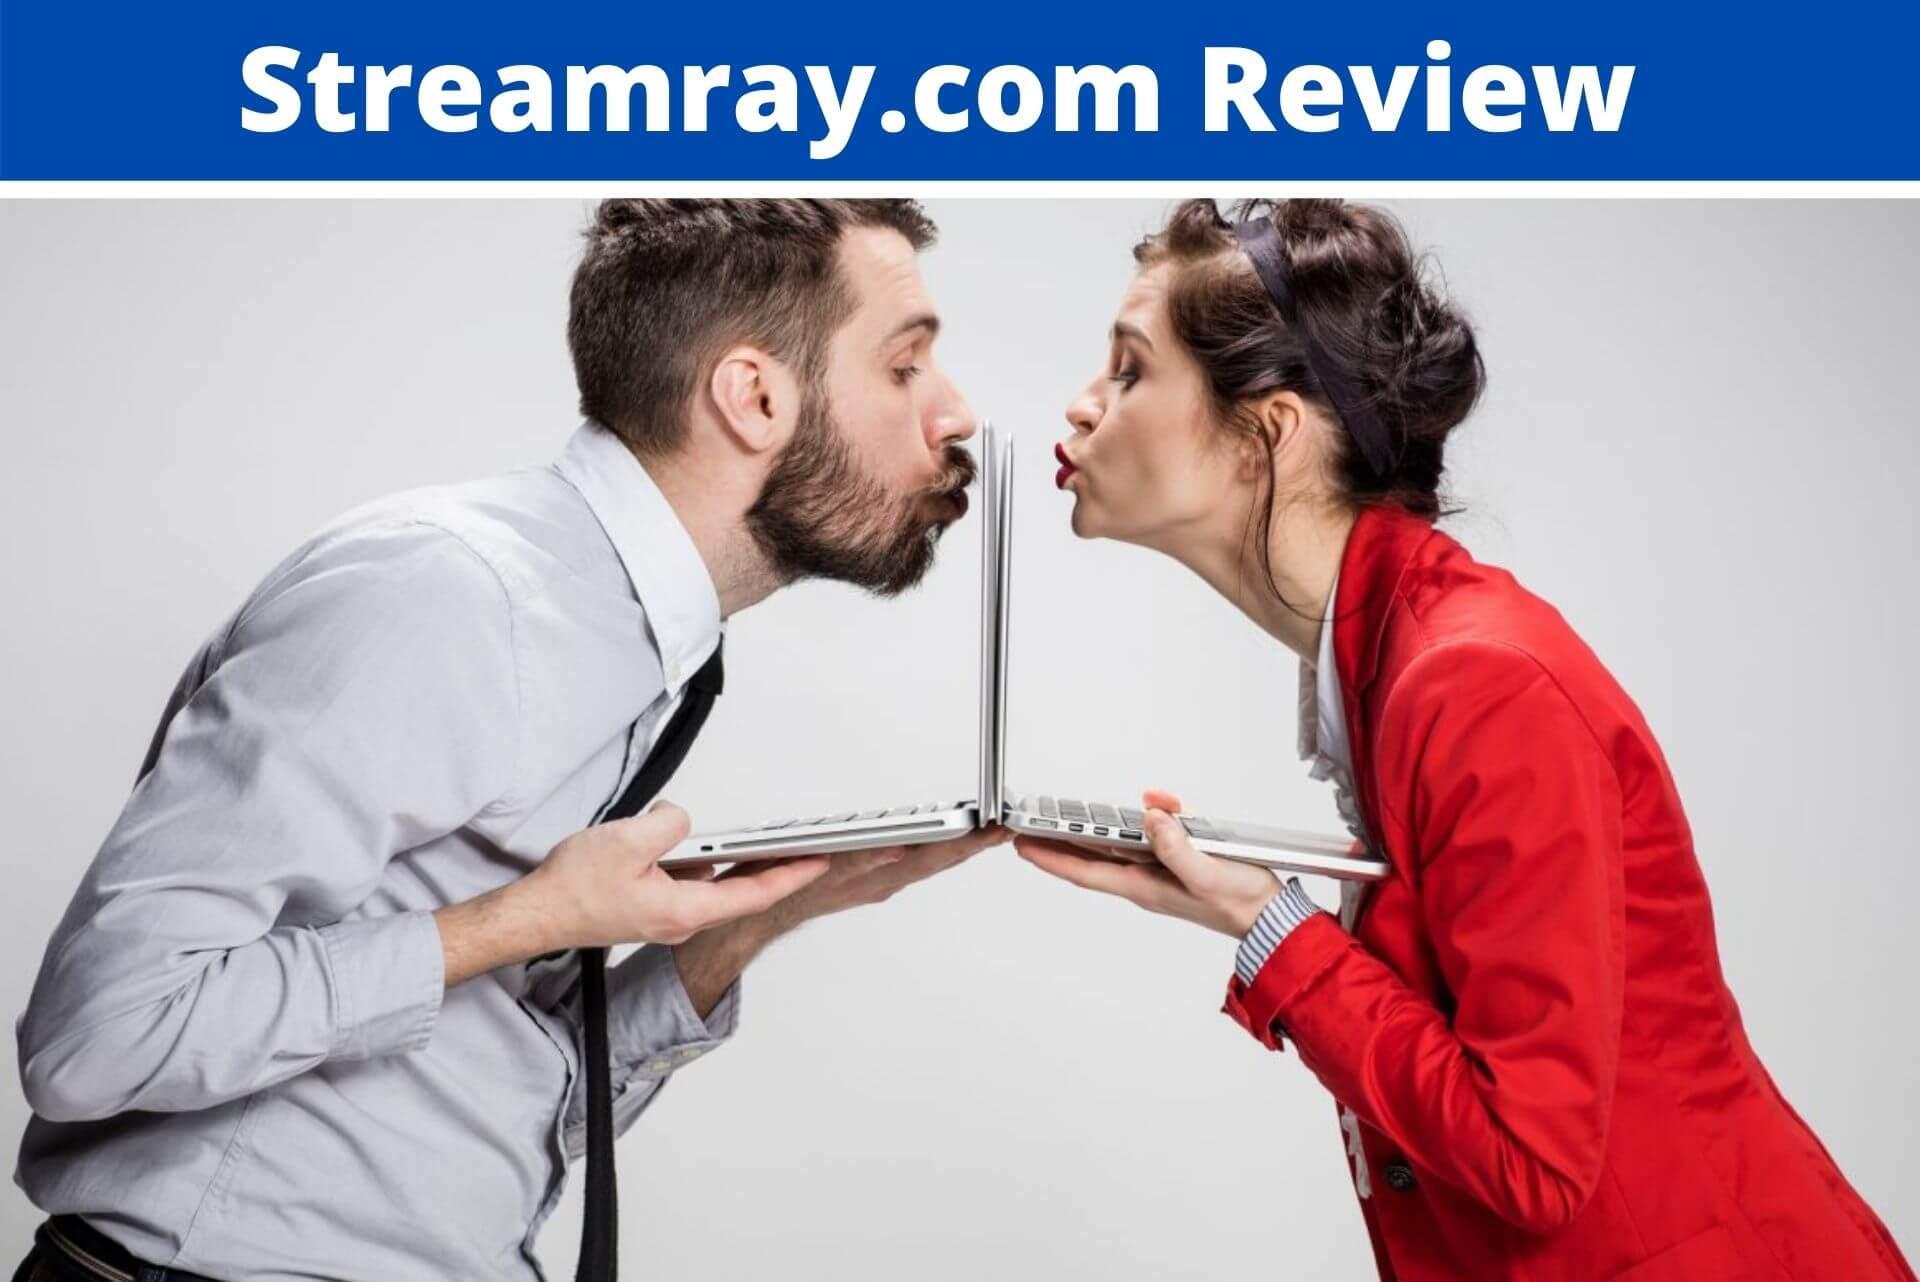 Streamray.com Review